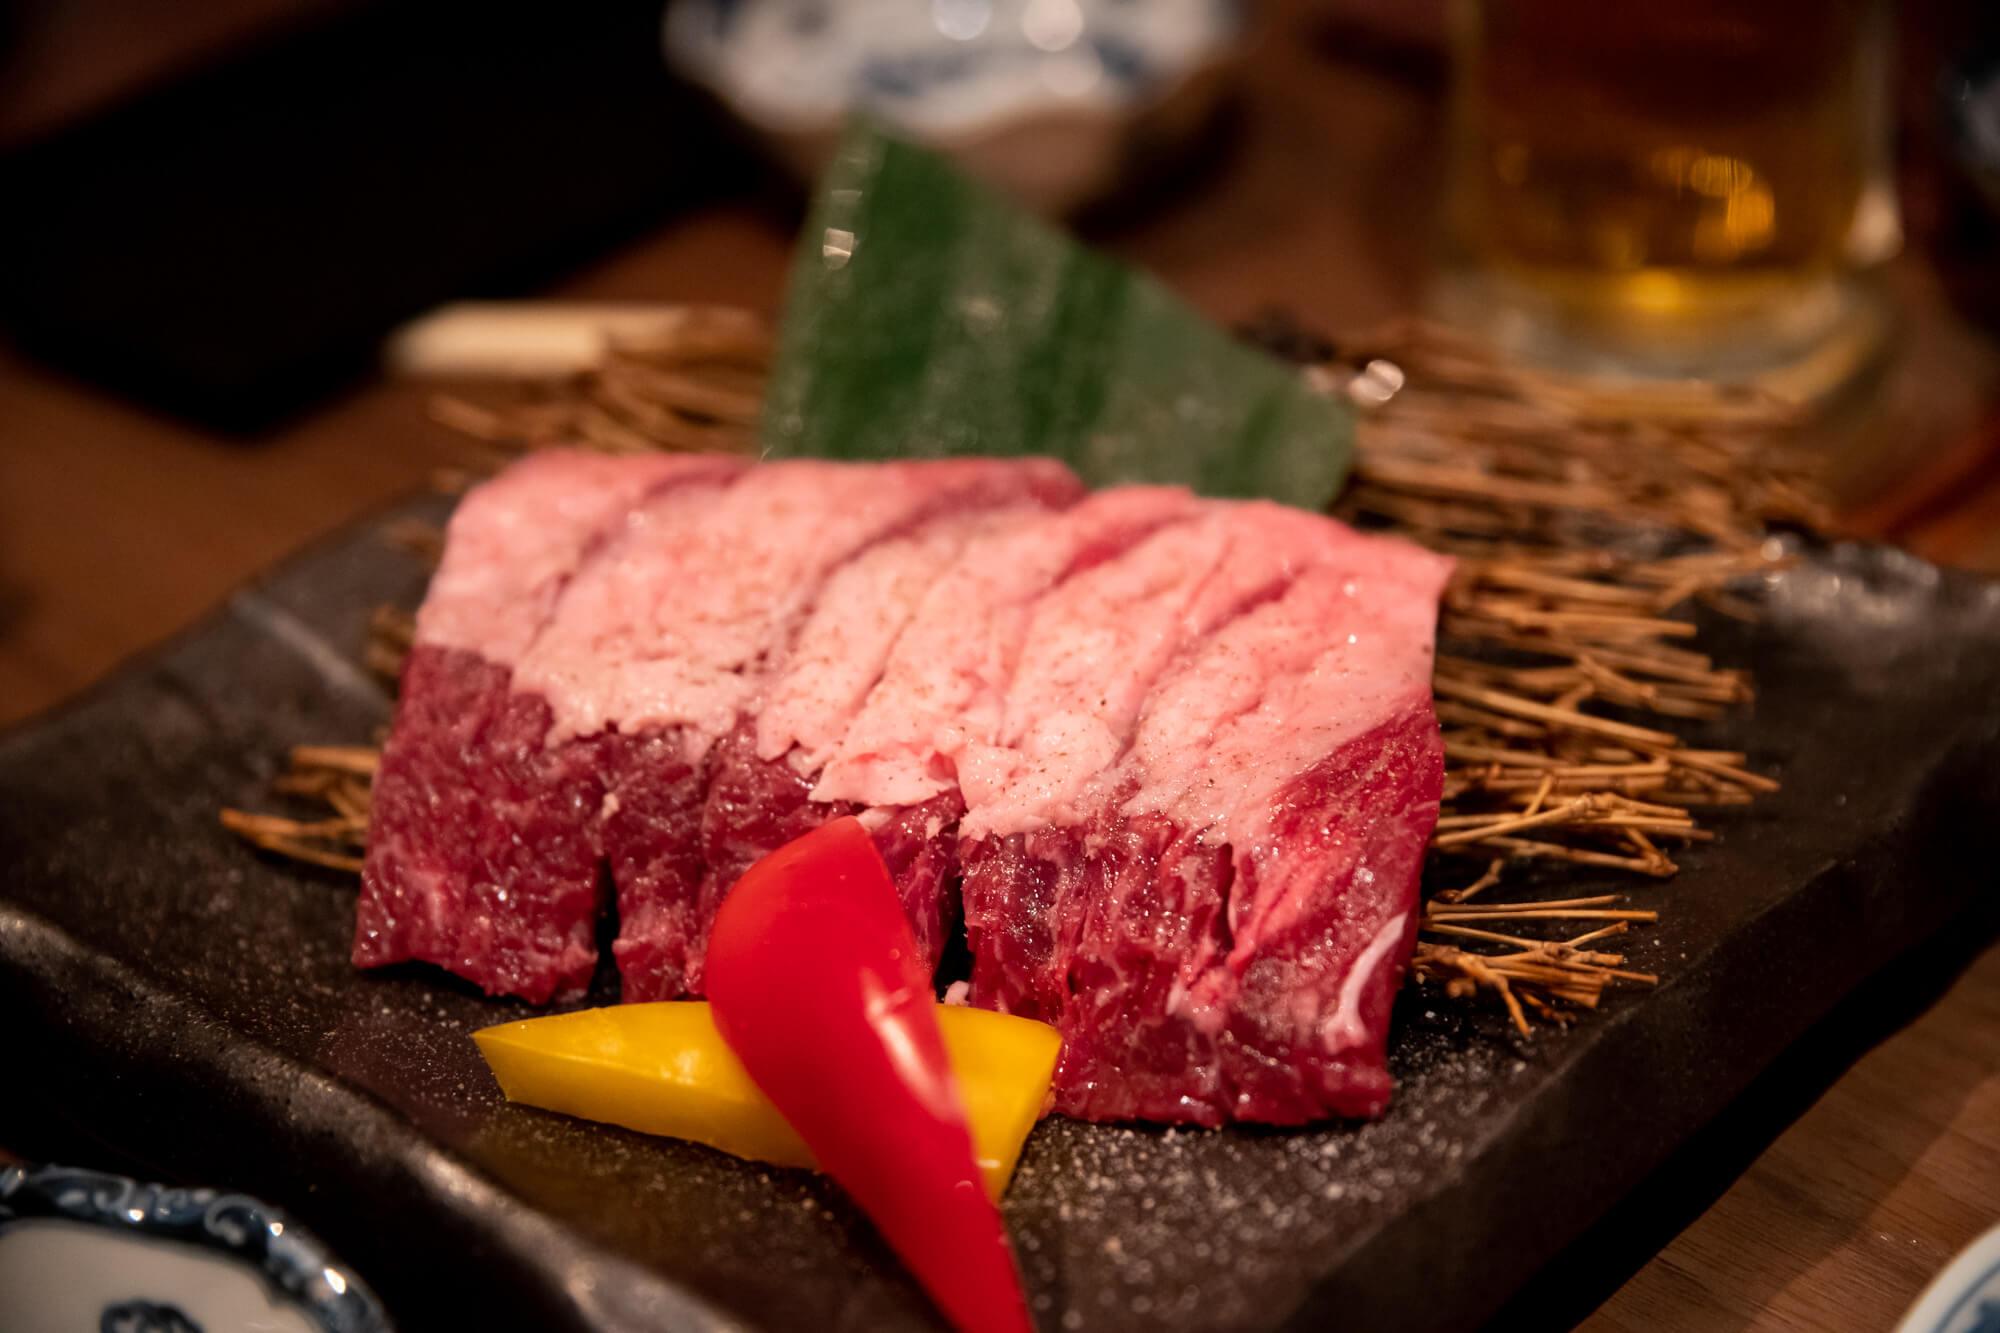 ヒレ肉の宝山 ハラミステーキ